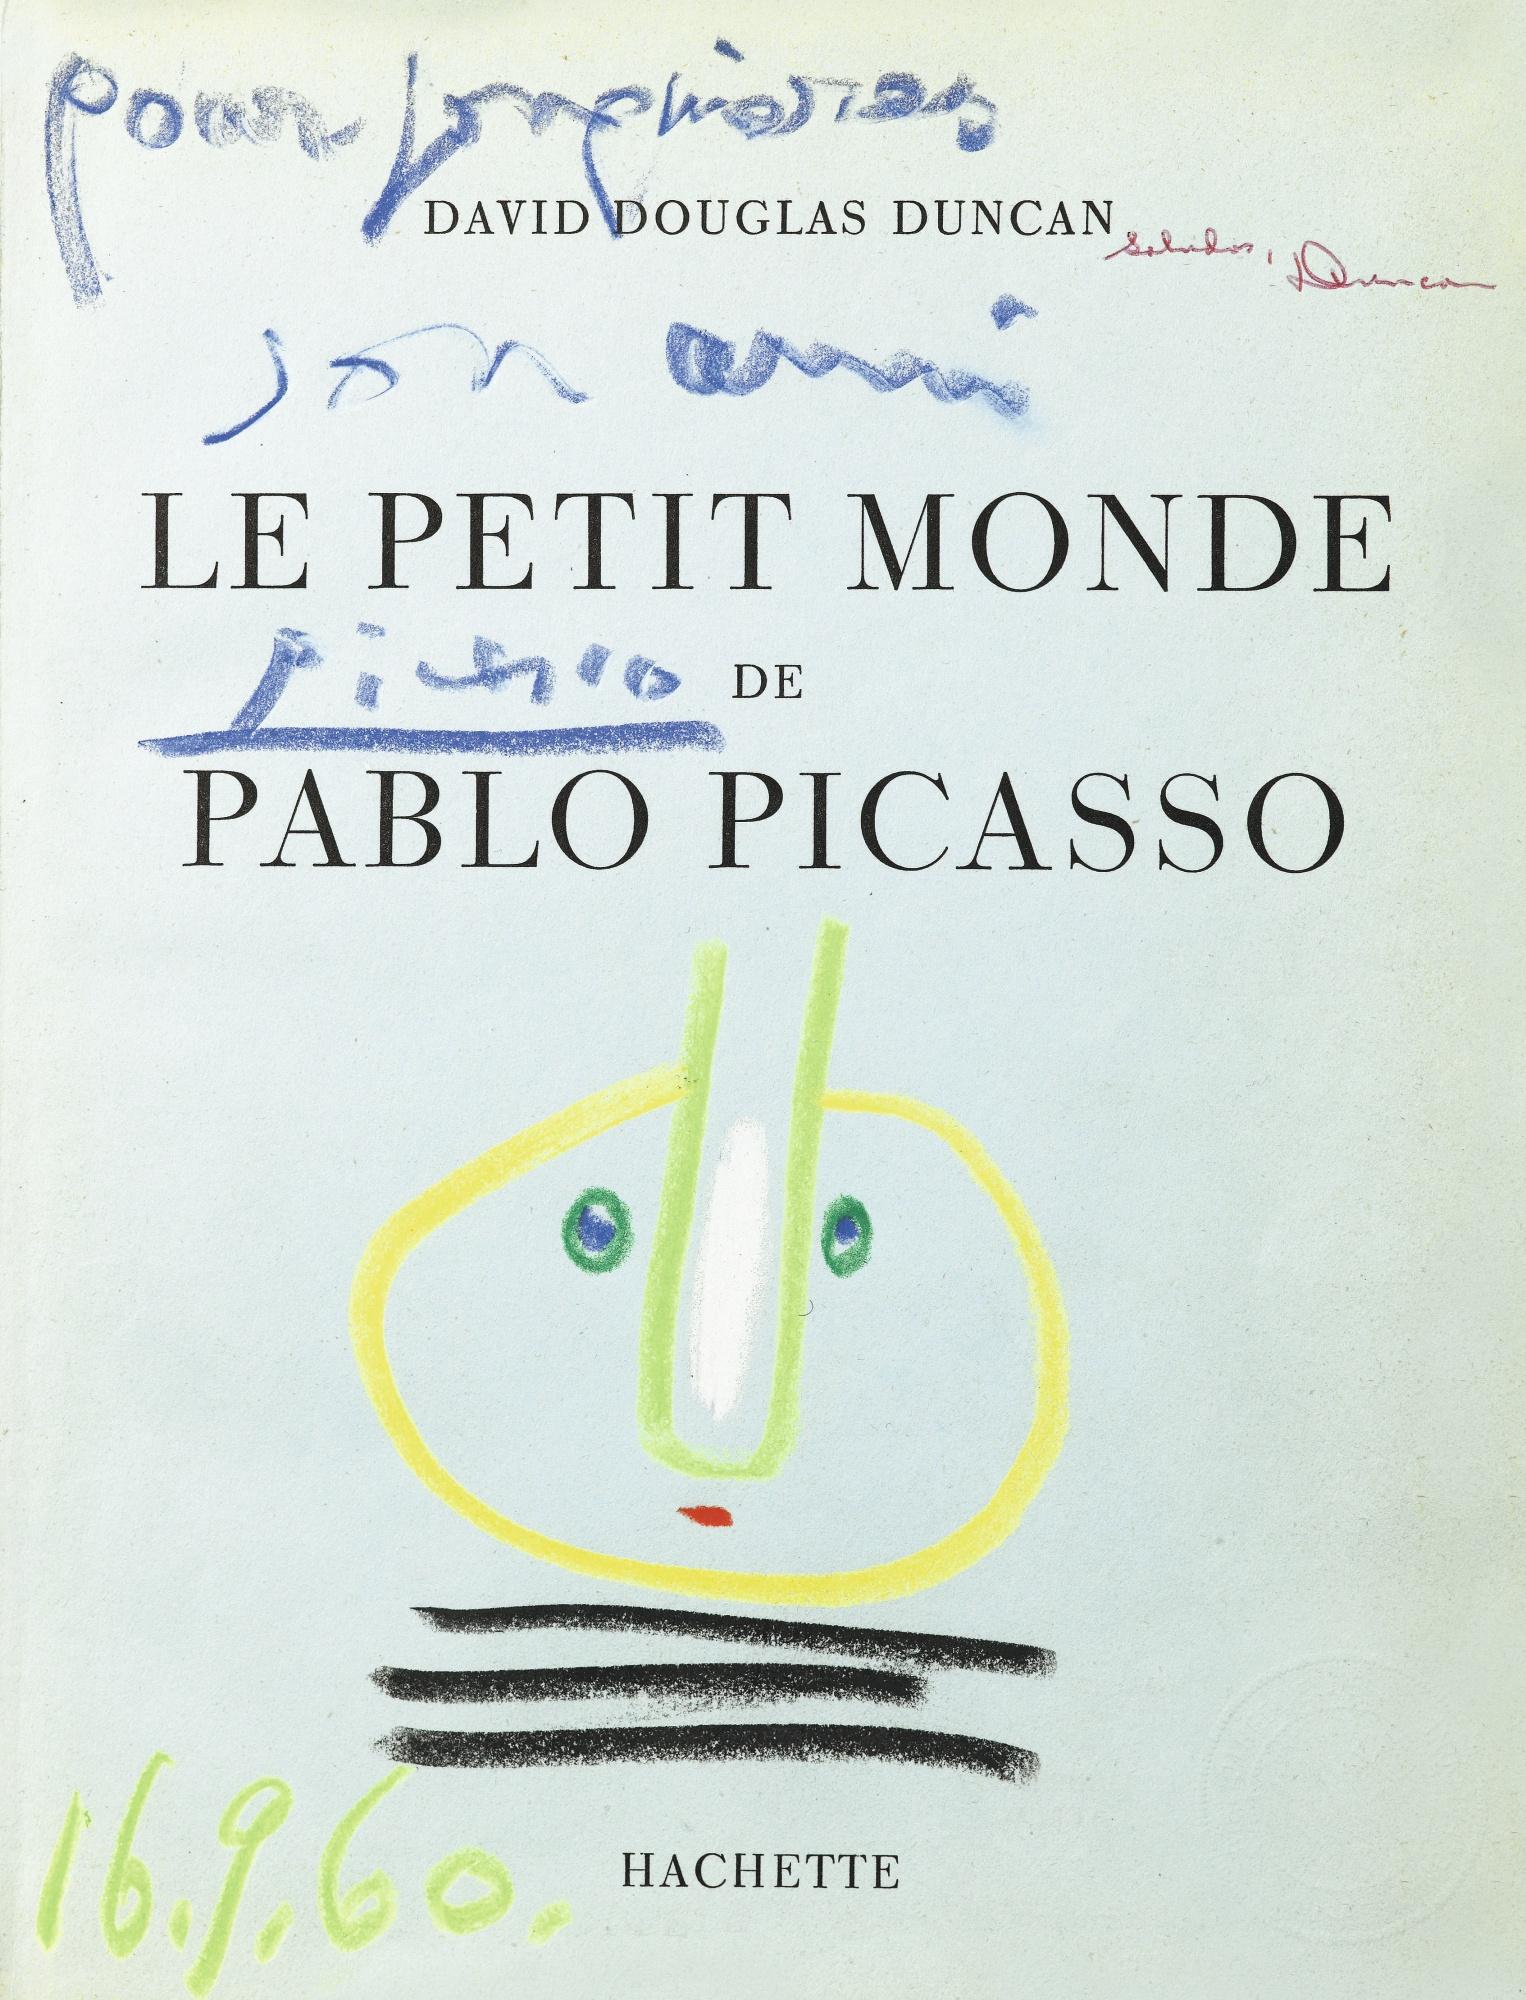 Pablo Picasso-Tete Ronde-1960